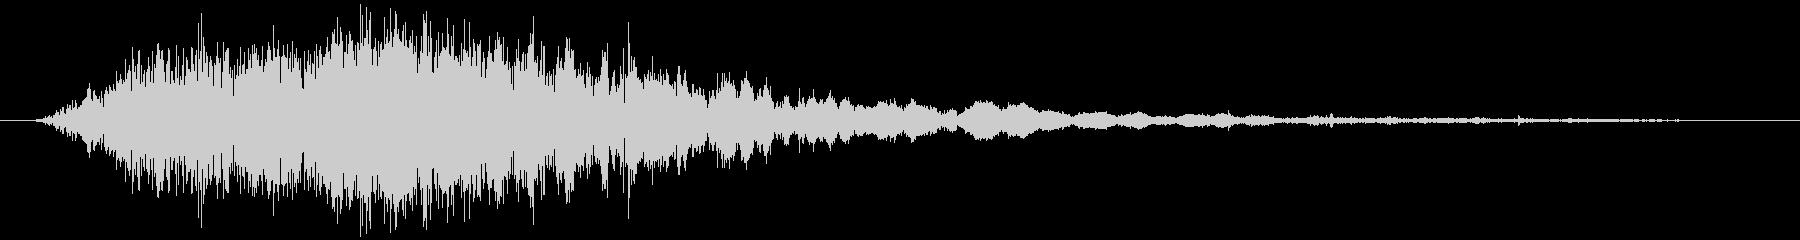 斬撃音(刀や剣で斬る/刺す効果音)07cの未再生の波形